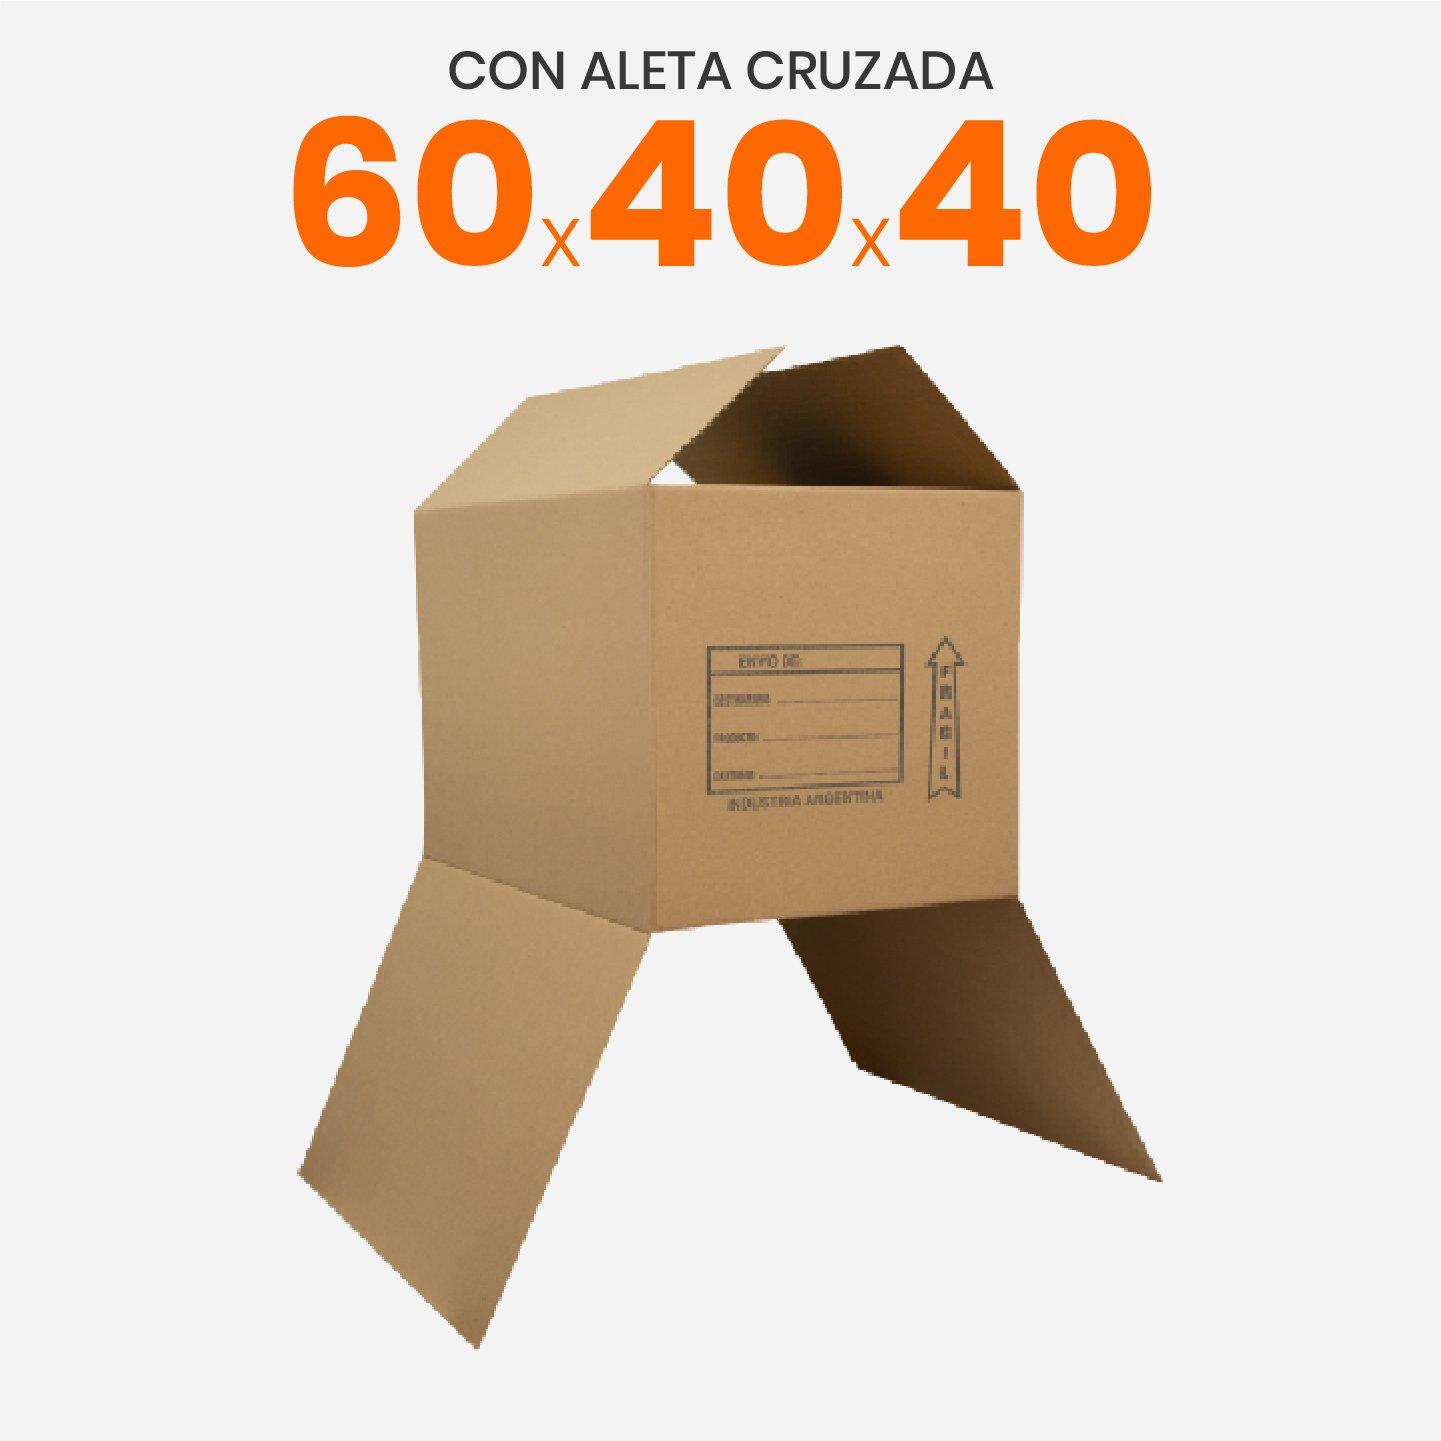 Caja De Cartón Corrugado Reforzada 60x40x40 Con Aleta Cruzada